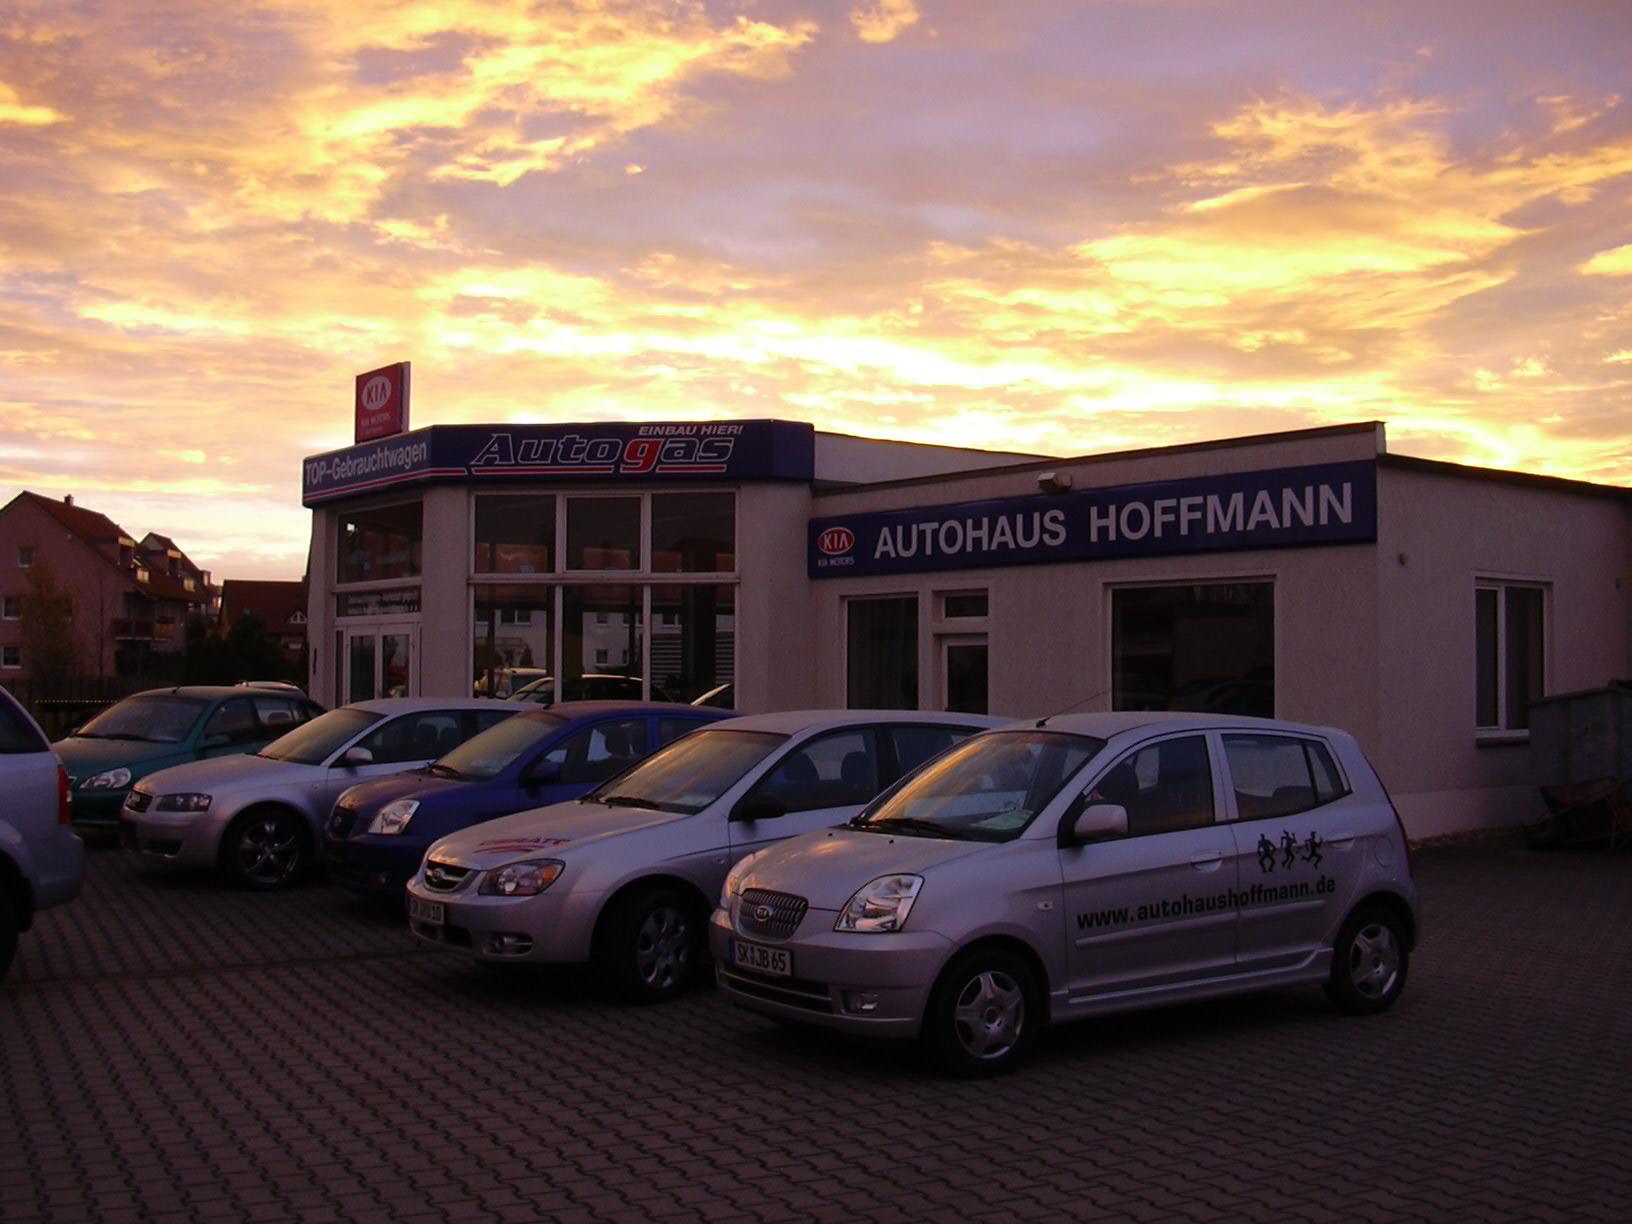 Autohaus Hoffmann in Zwintschöna